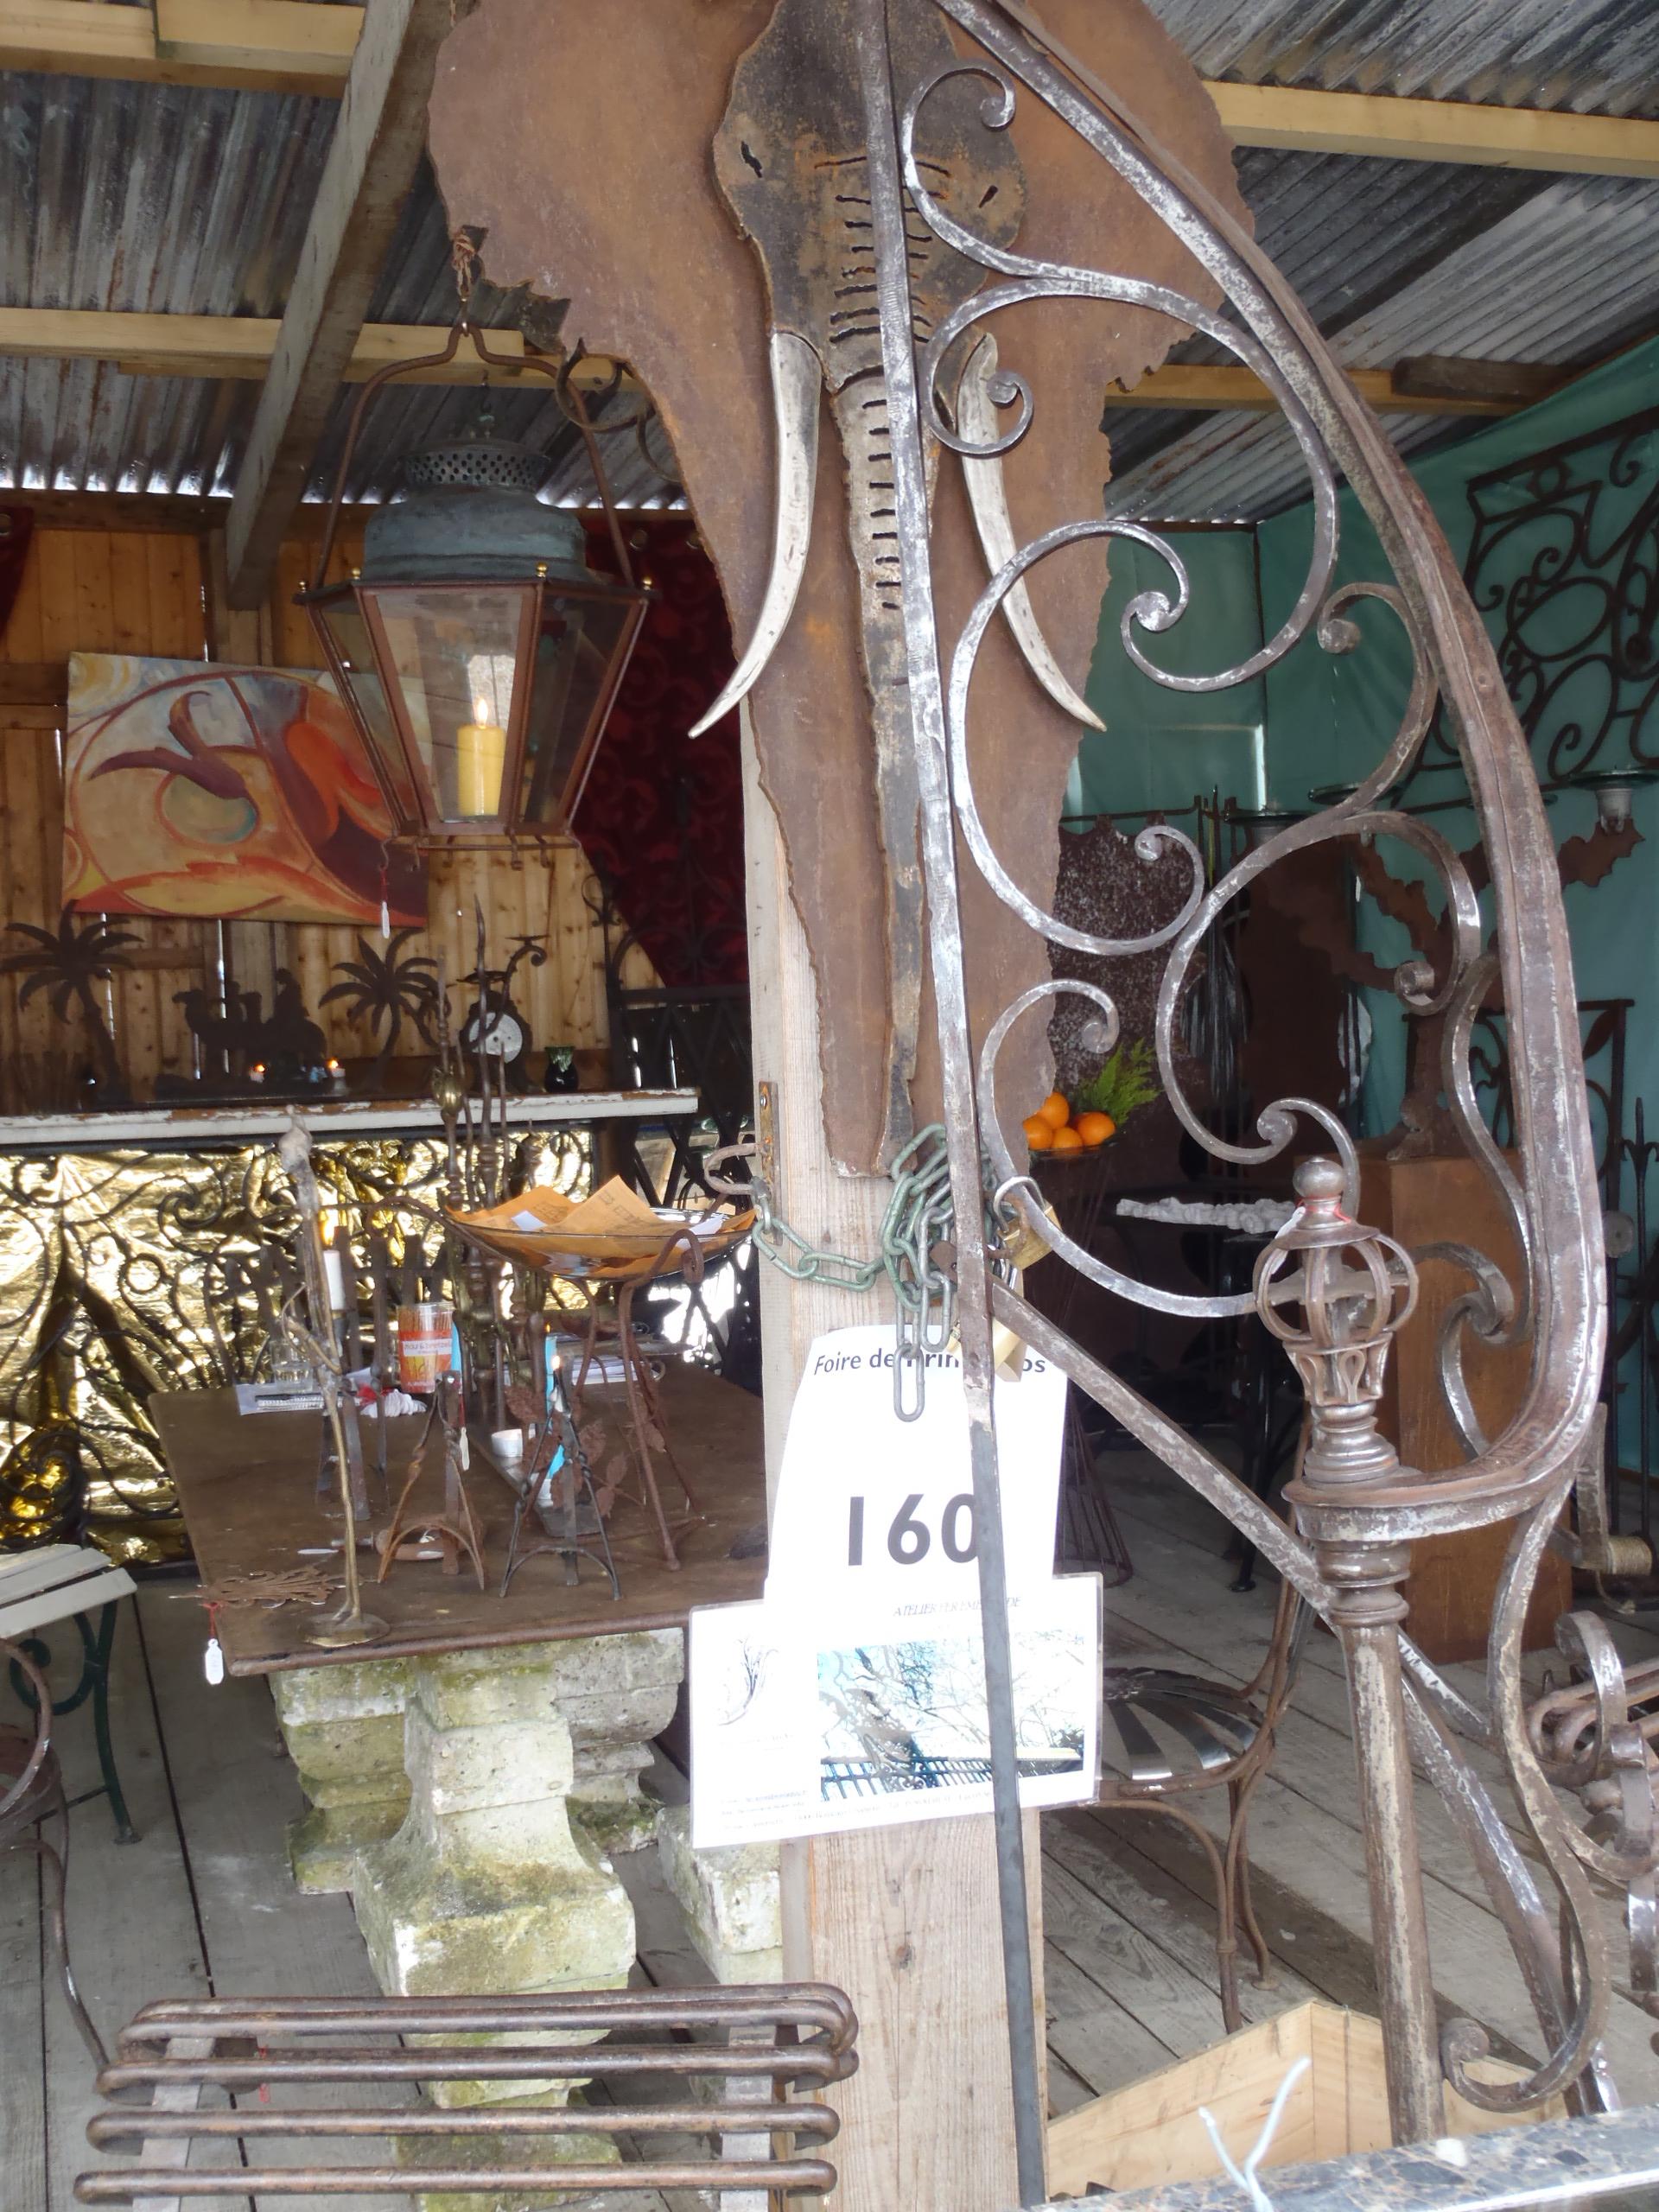 ferronnerie d 39 art atelier fer emeraude bordeaux foire des quinconces gironde aquitaine. Black Bedroom Furniture Sets. Home Design Ideas